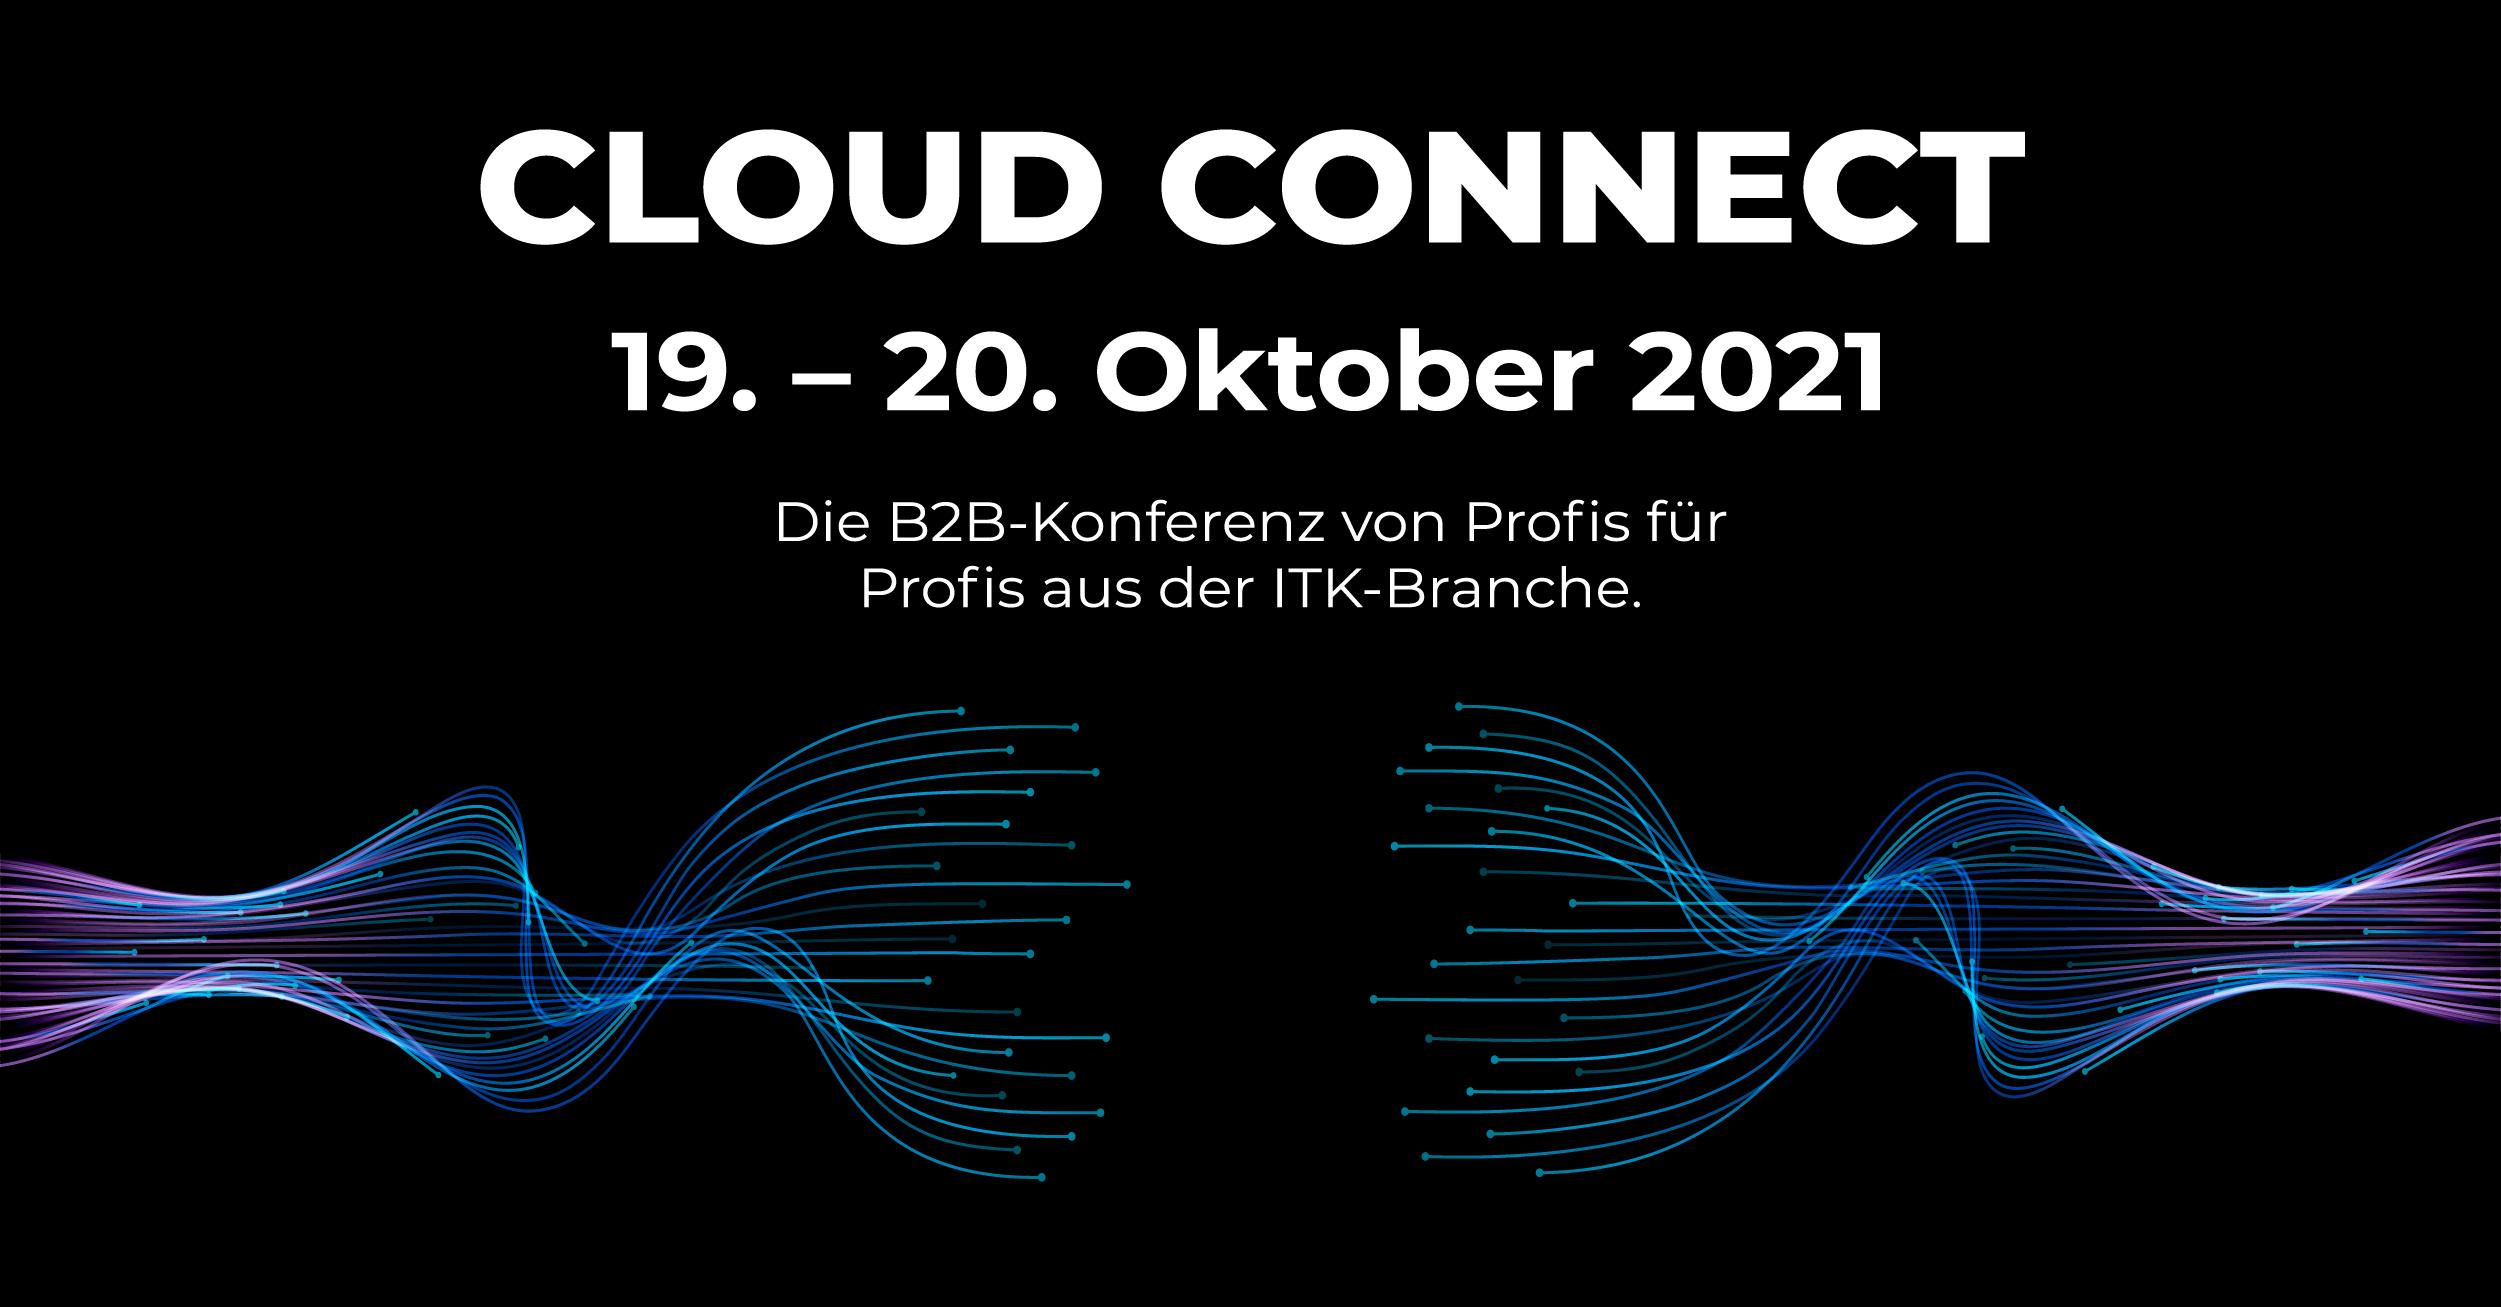 CLOUD CONNECT: Neue B2B-Konferenz für IT-Branche